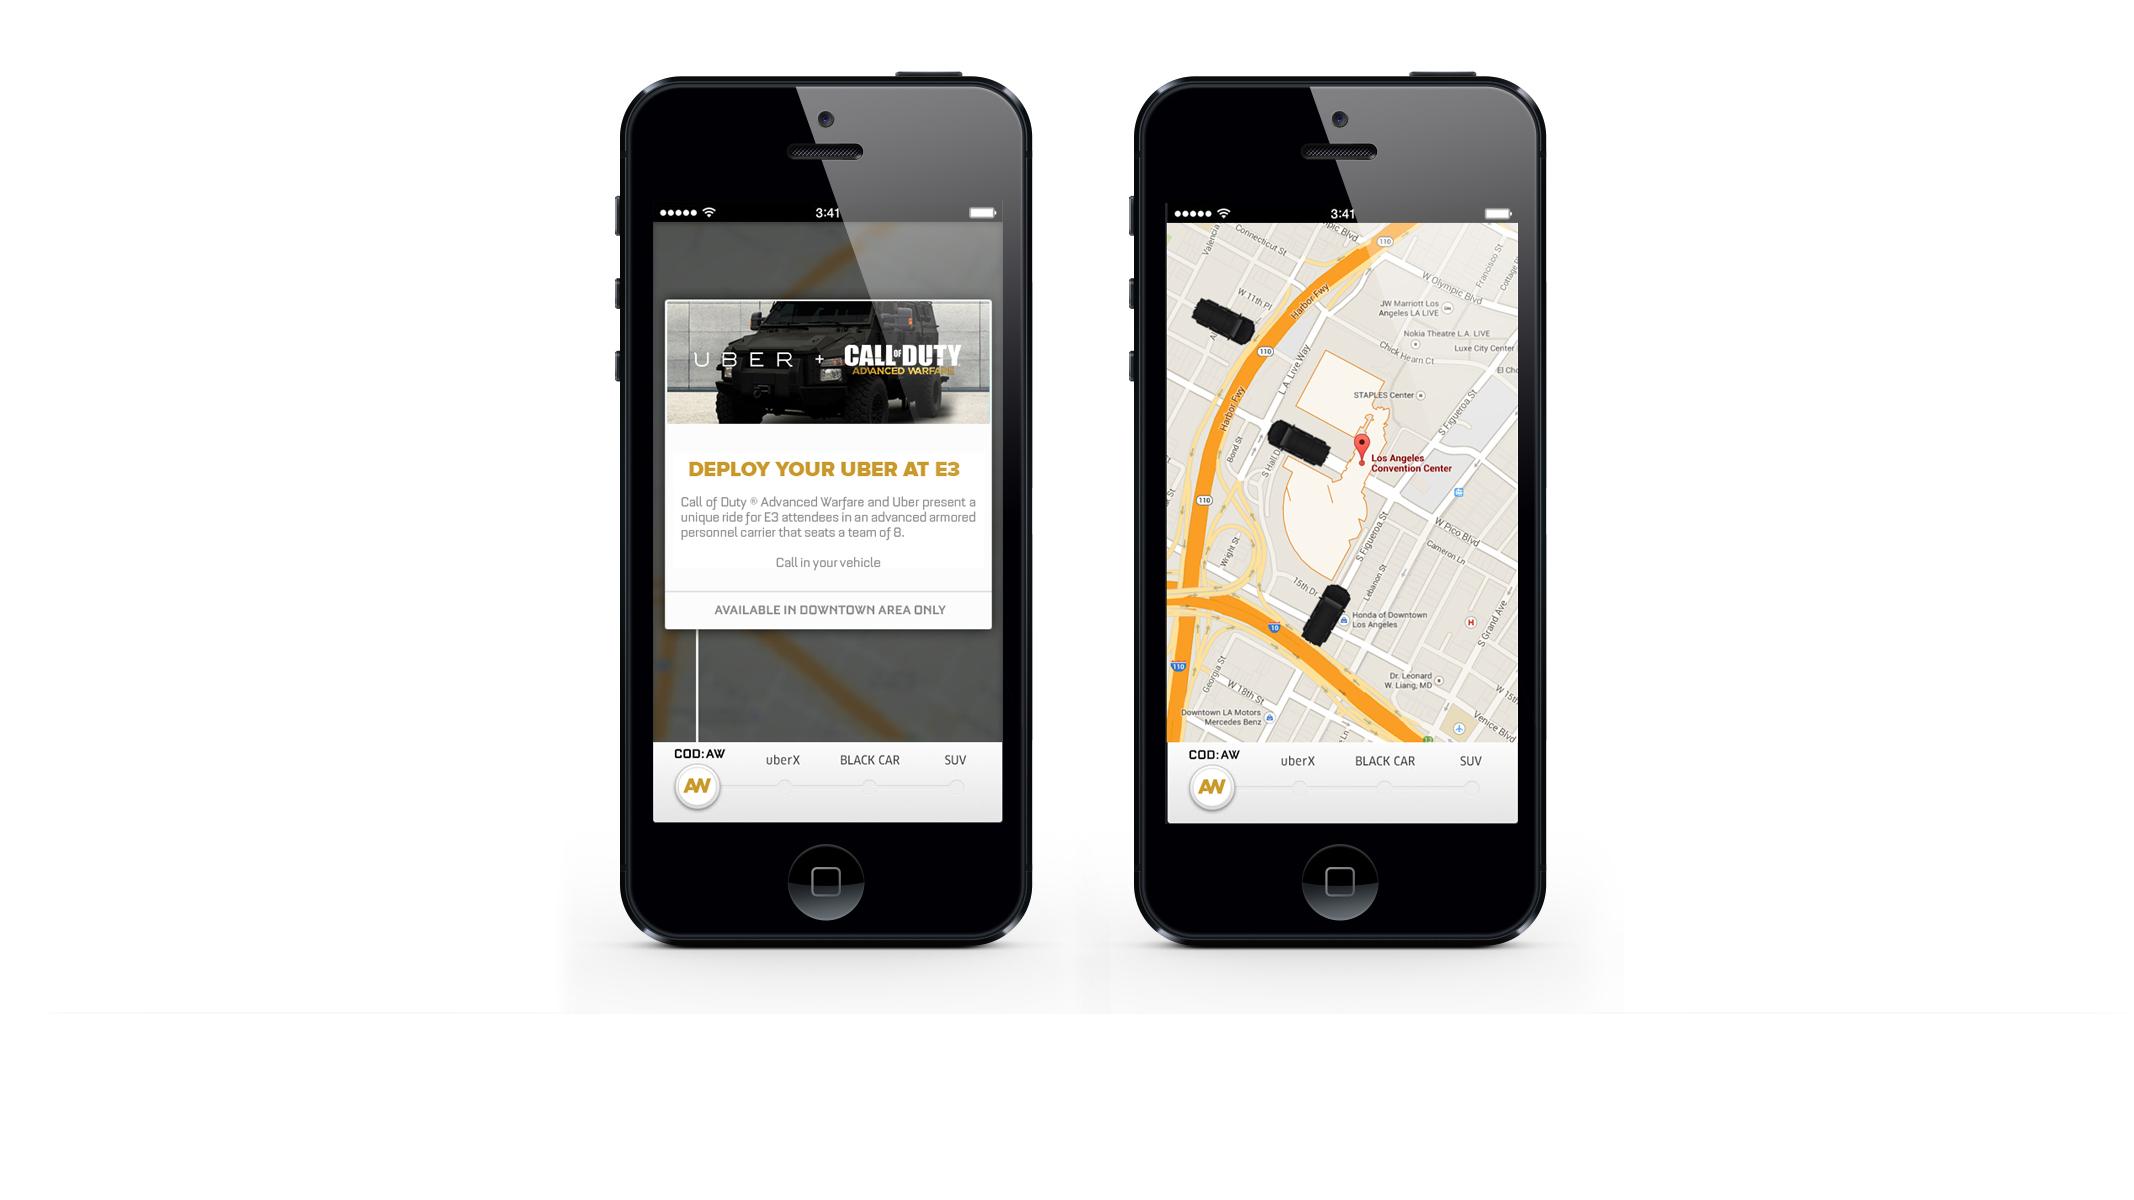 Uber_Mobile2.jpg